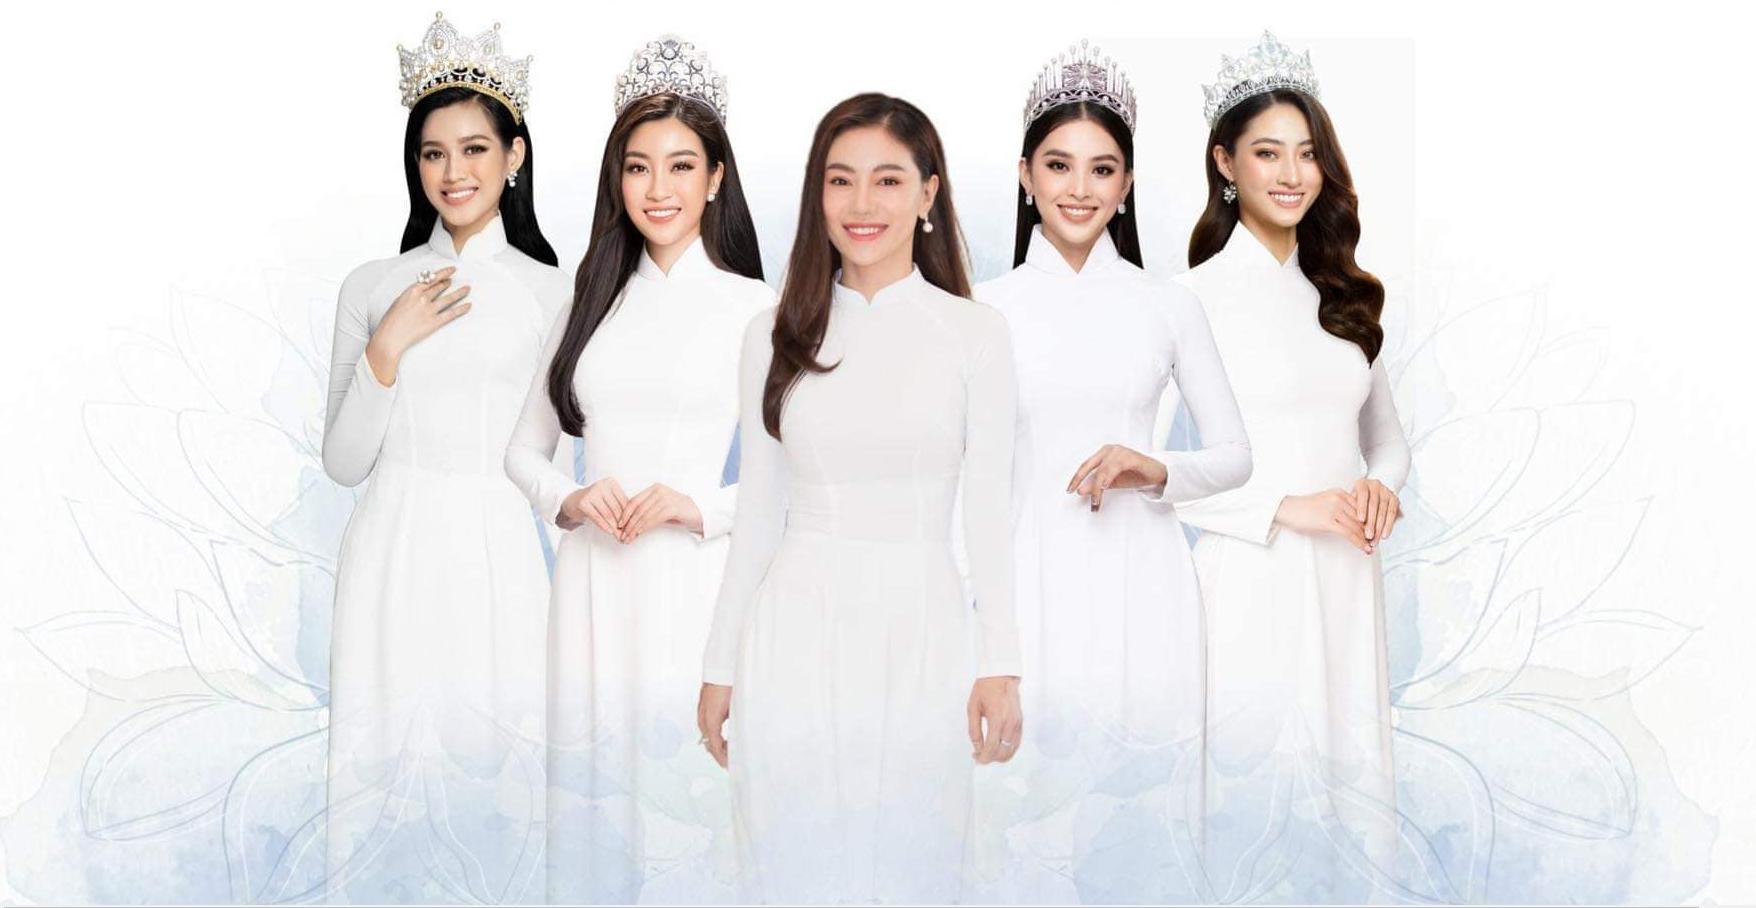 Bức hình được Lương Thùy Linh đăng tải.